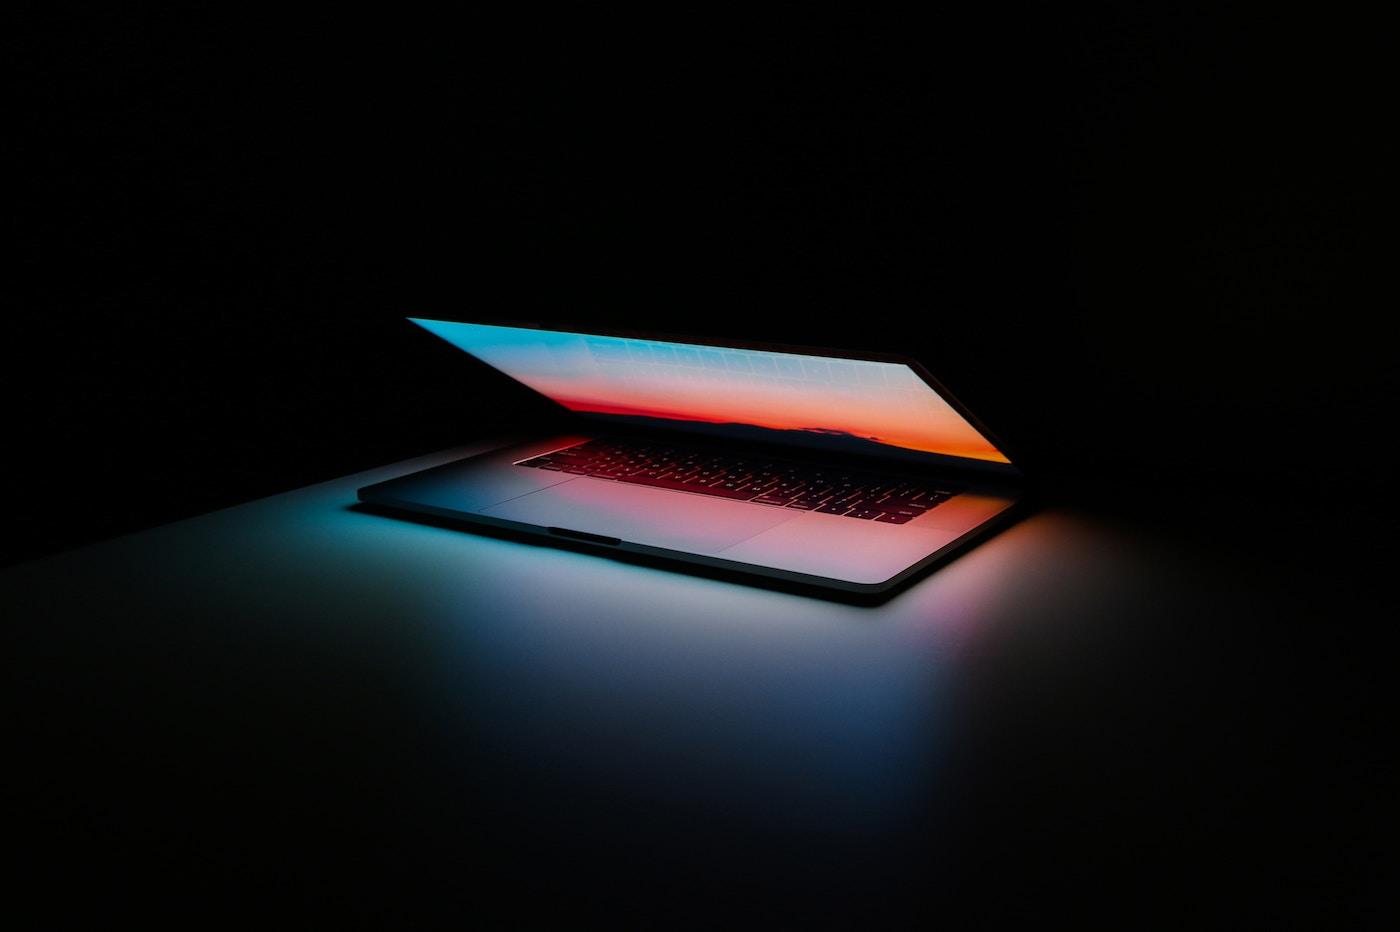 macbook pro 2019 16 - Le MacBook Pro 16 pouces abandonnerait le clavier papillon pour un mécanisme ciseaux